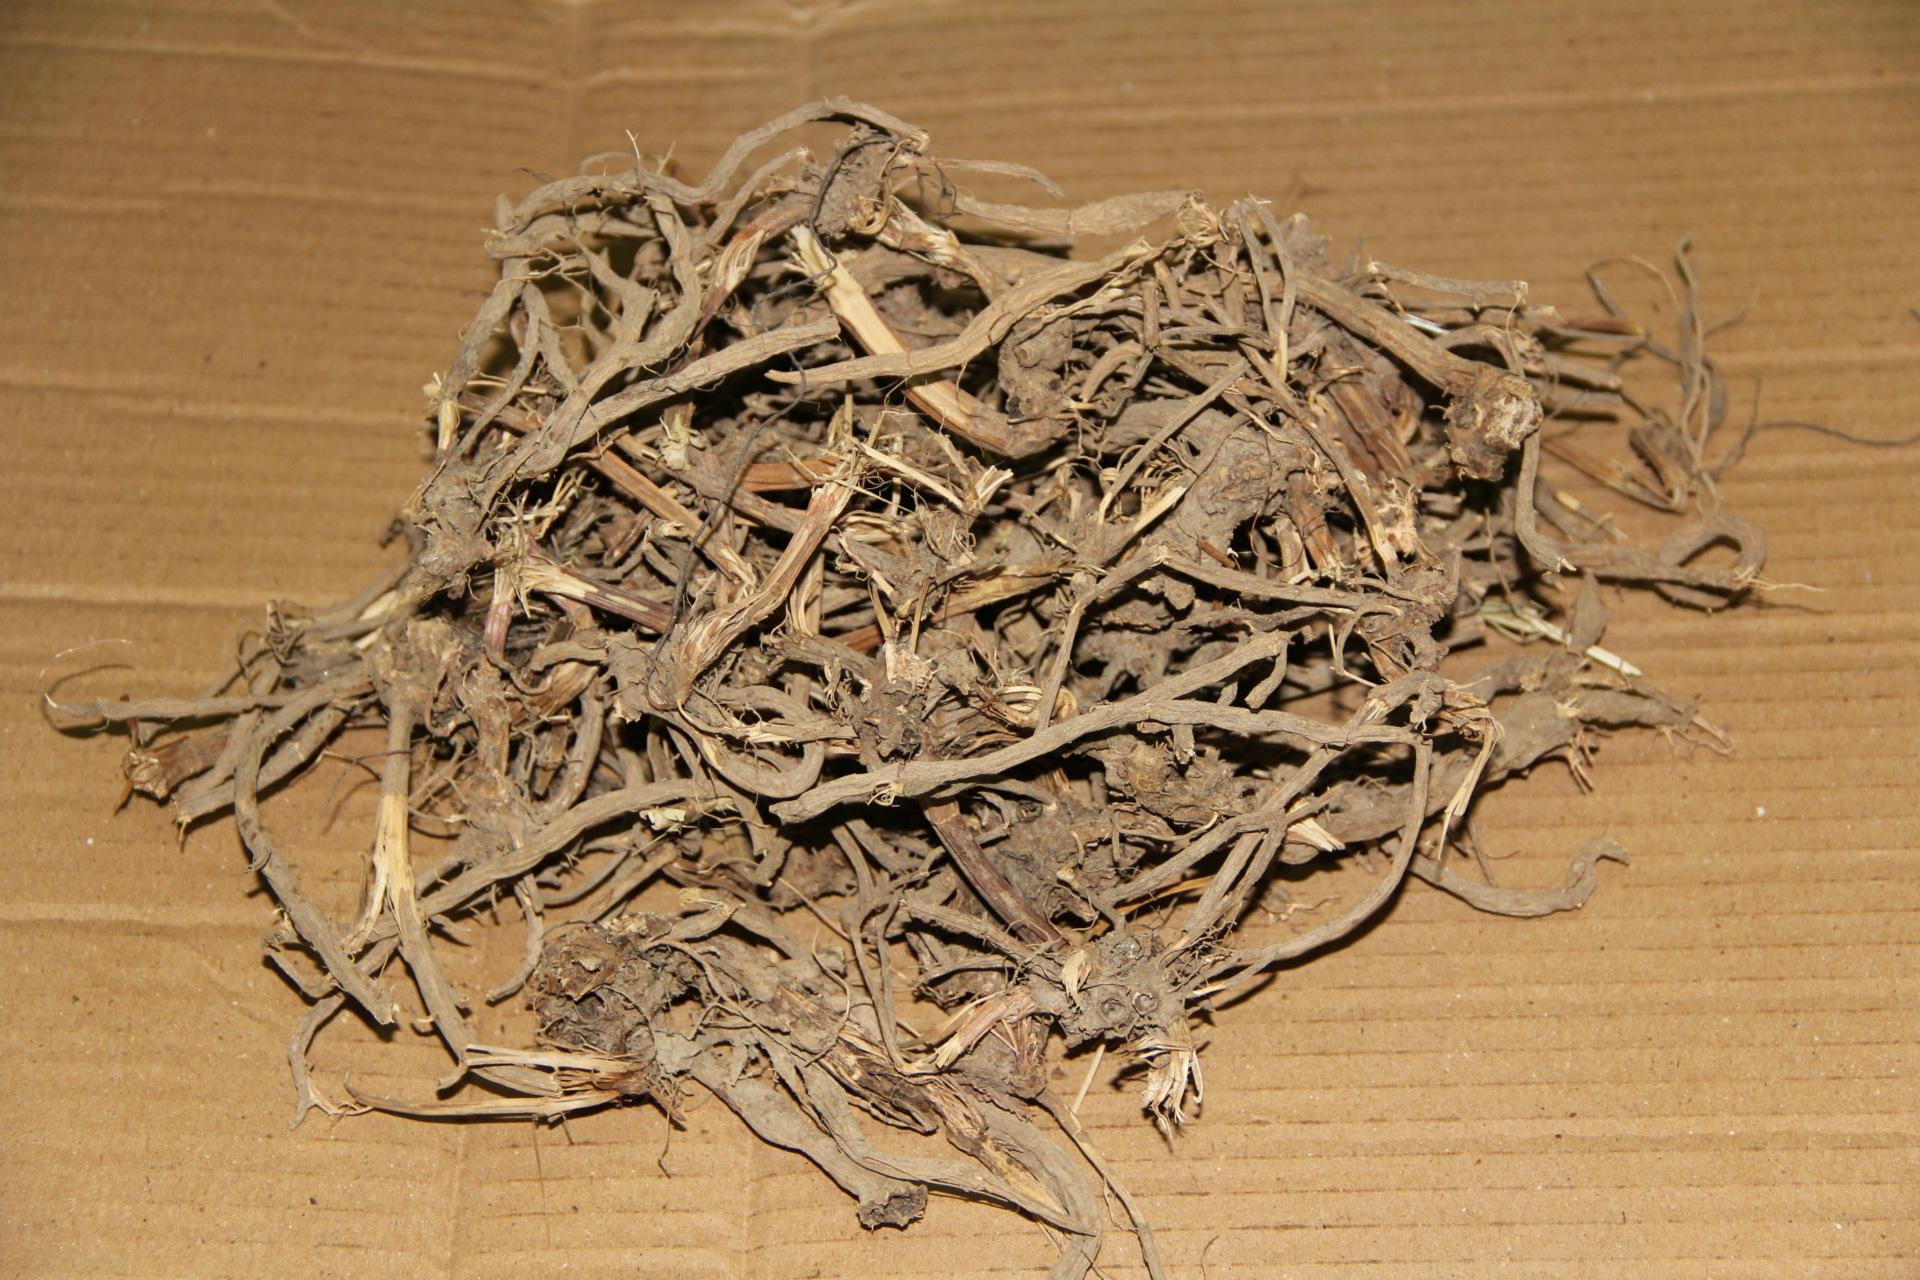 Nguyên liệu sản xuất dược Ransu Health Meal Dược phẩm Trung Quốc .